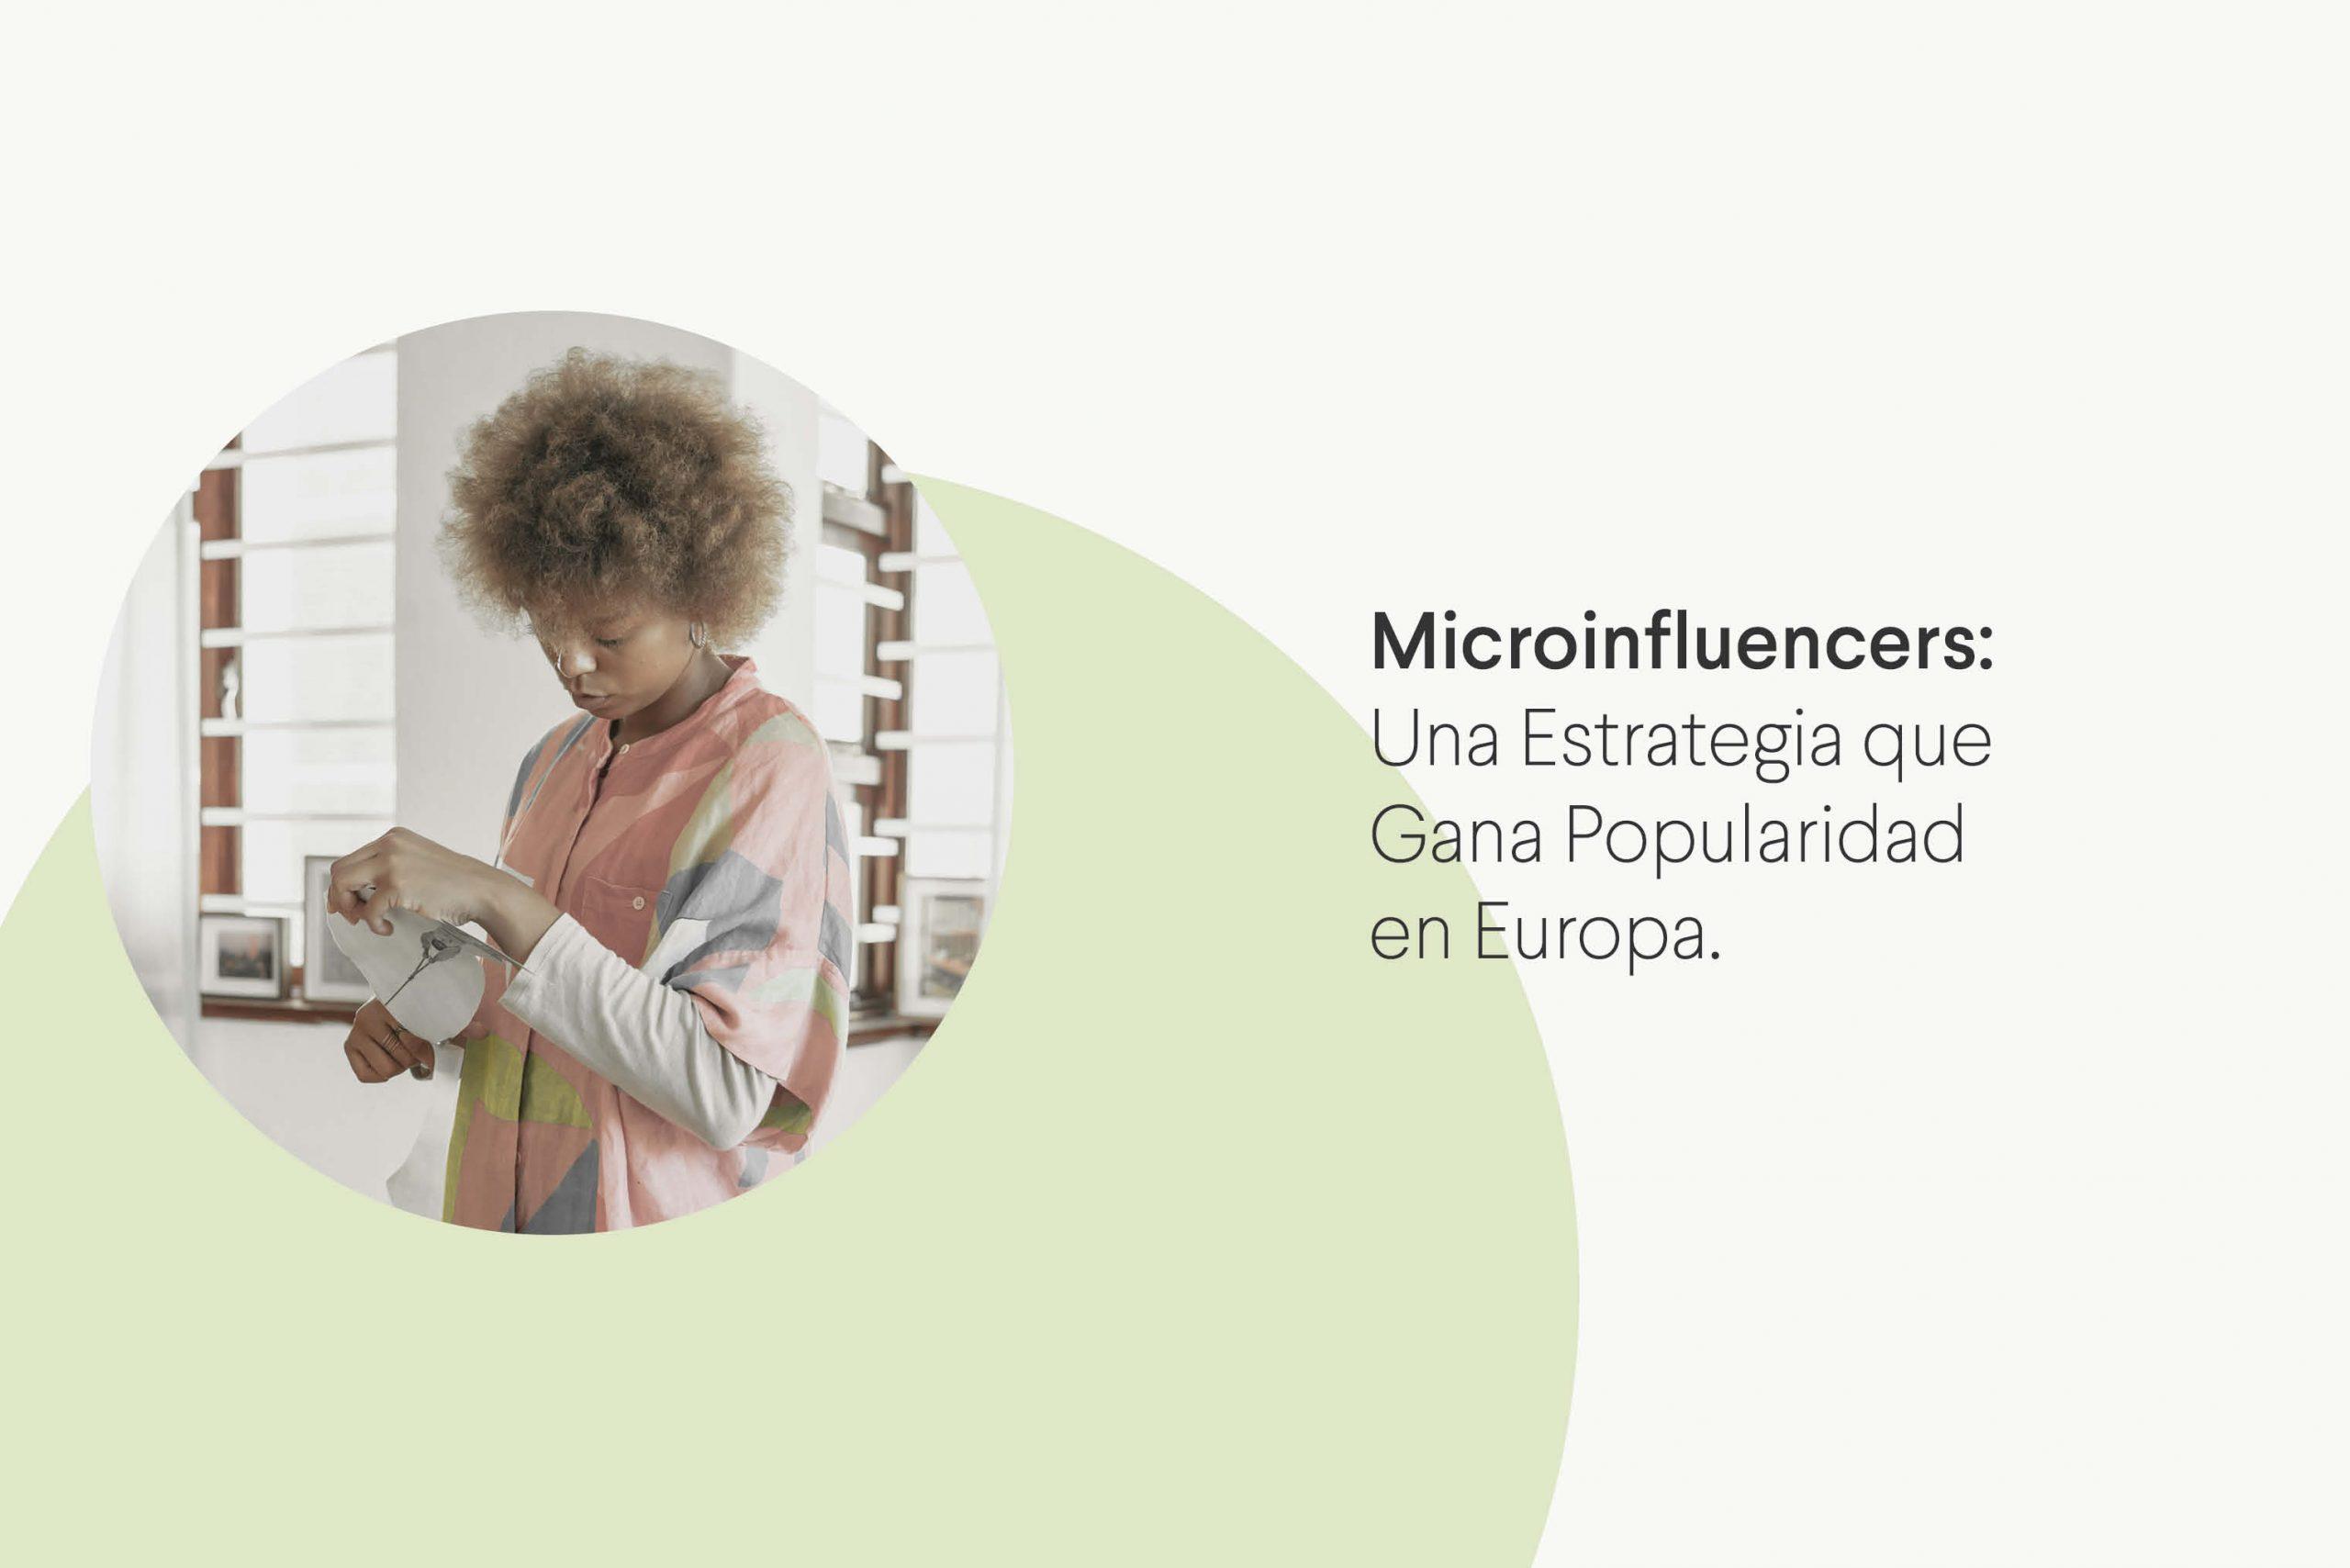 Cómo los Microinfluencers están ganando popularidad